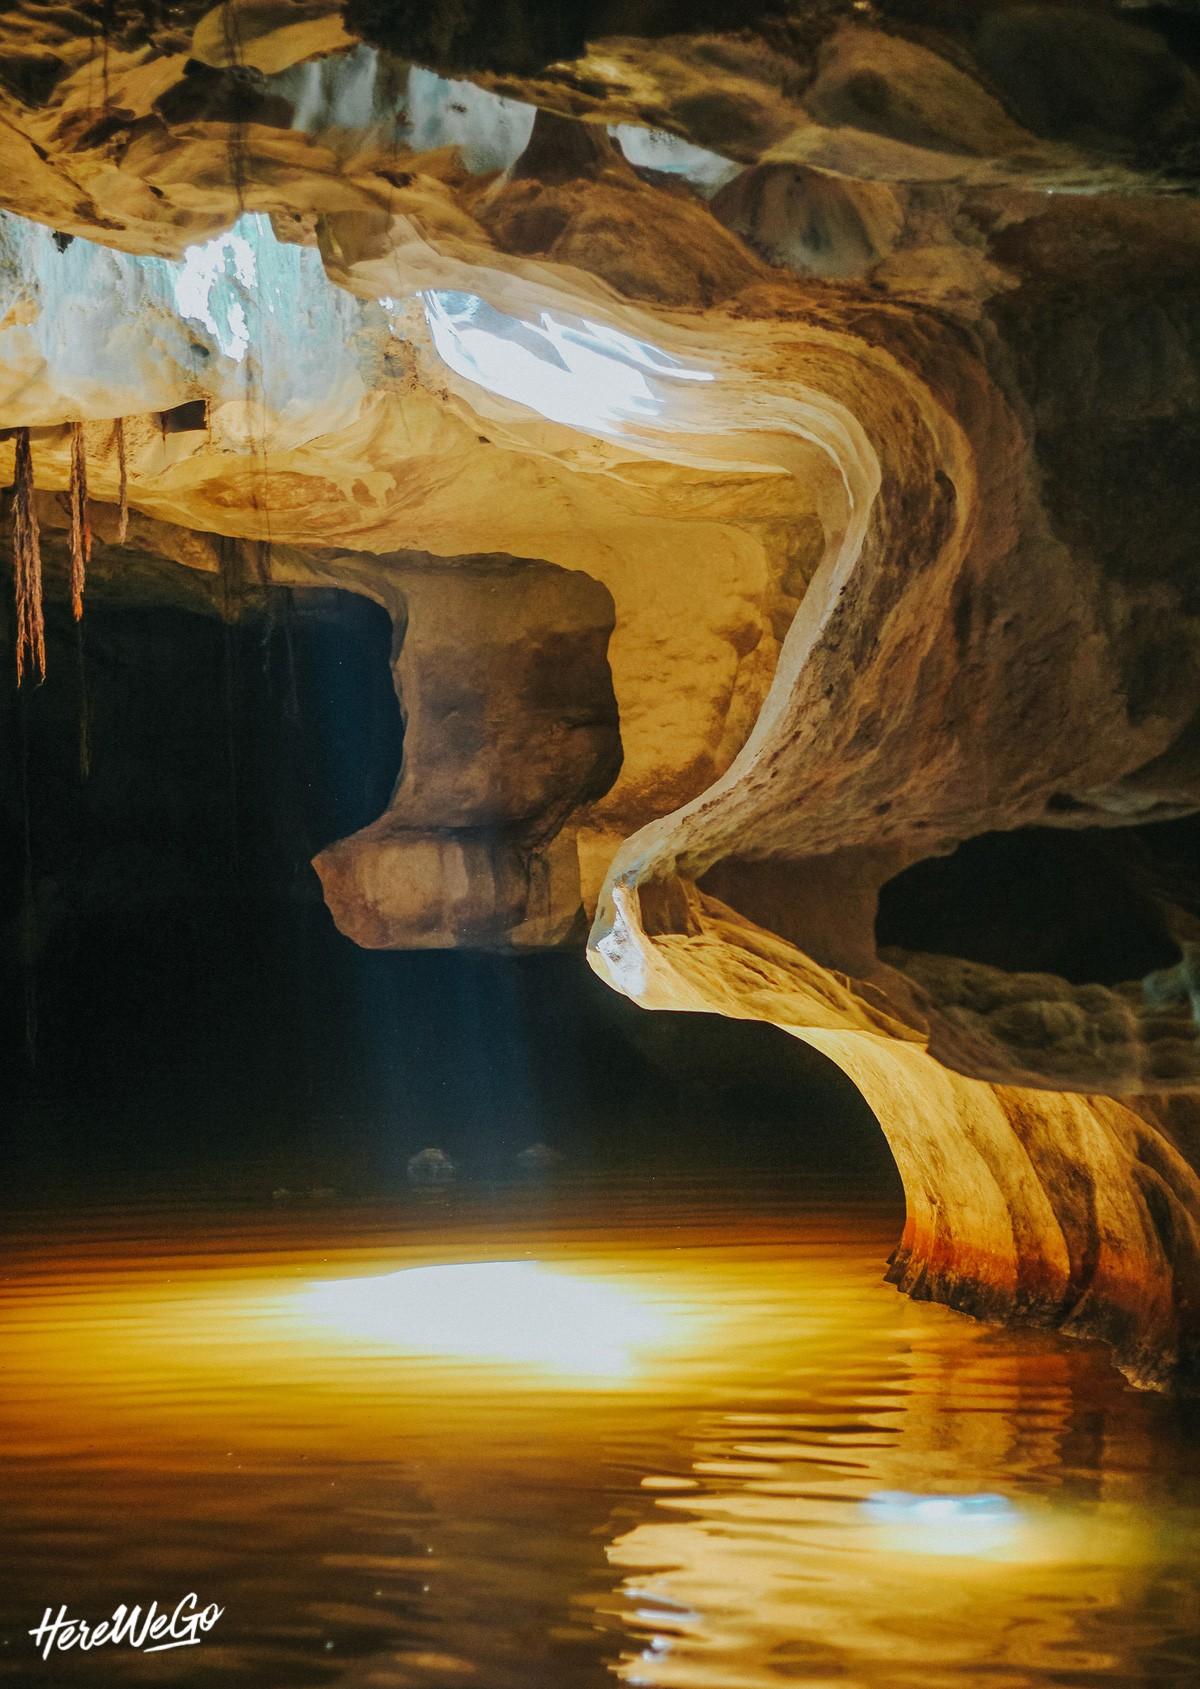 Hơn cả những sông nước, miệt vườn - Tây Nam Bộ có gì để người trẻ khám phá mãi không chán? - Ảnh 32.